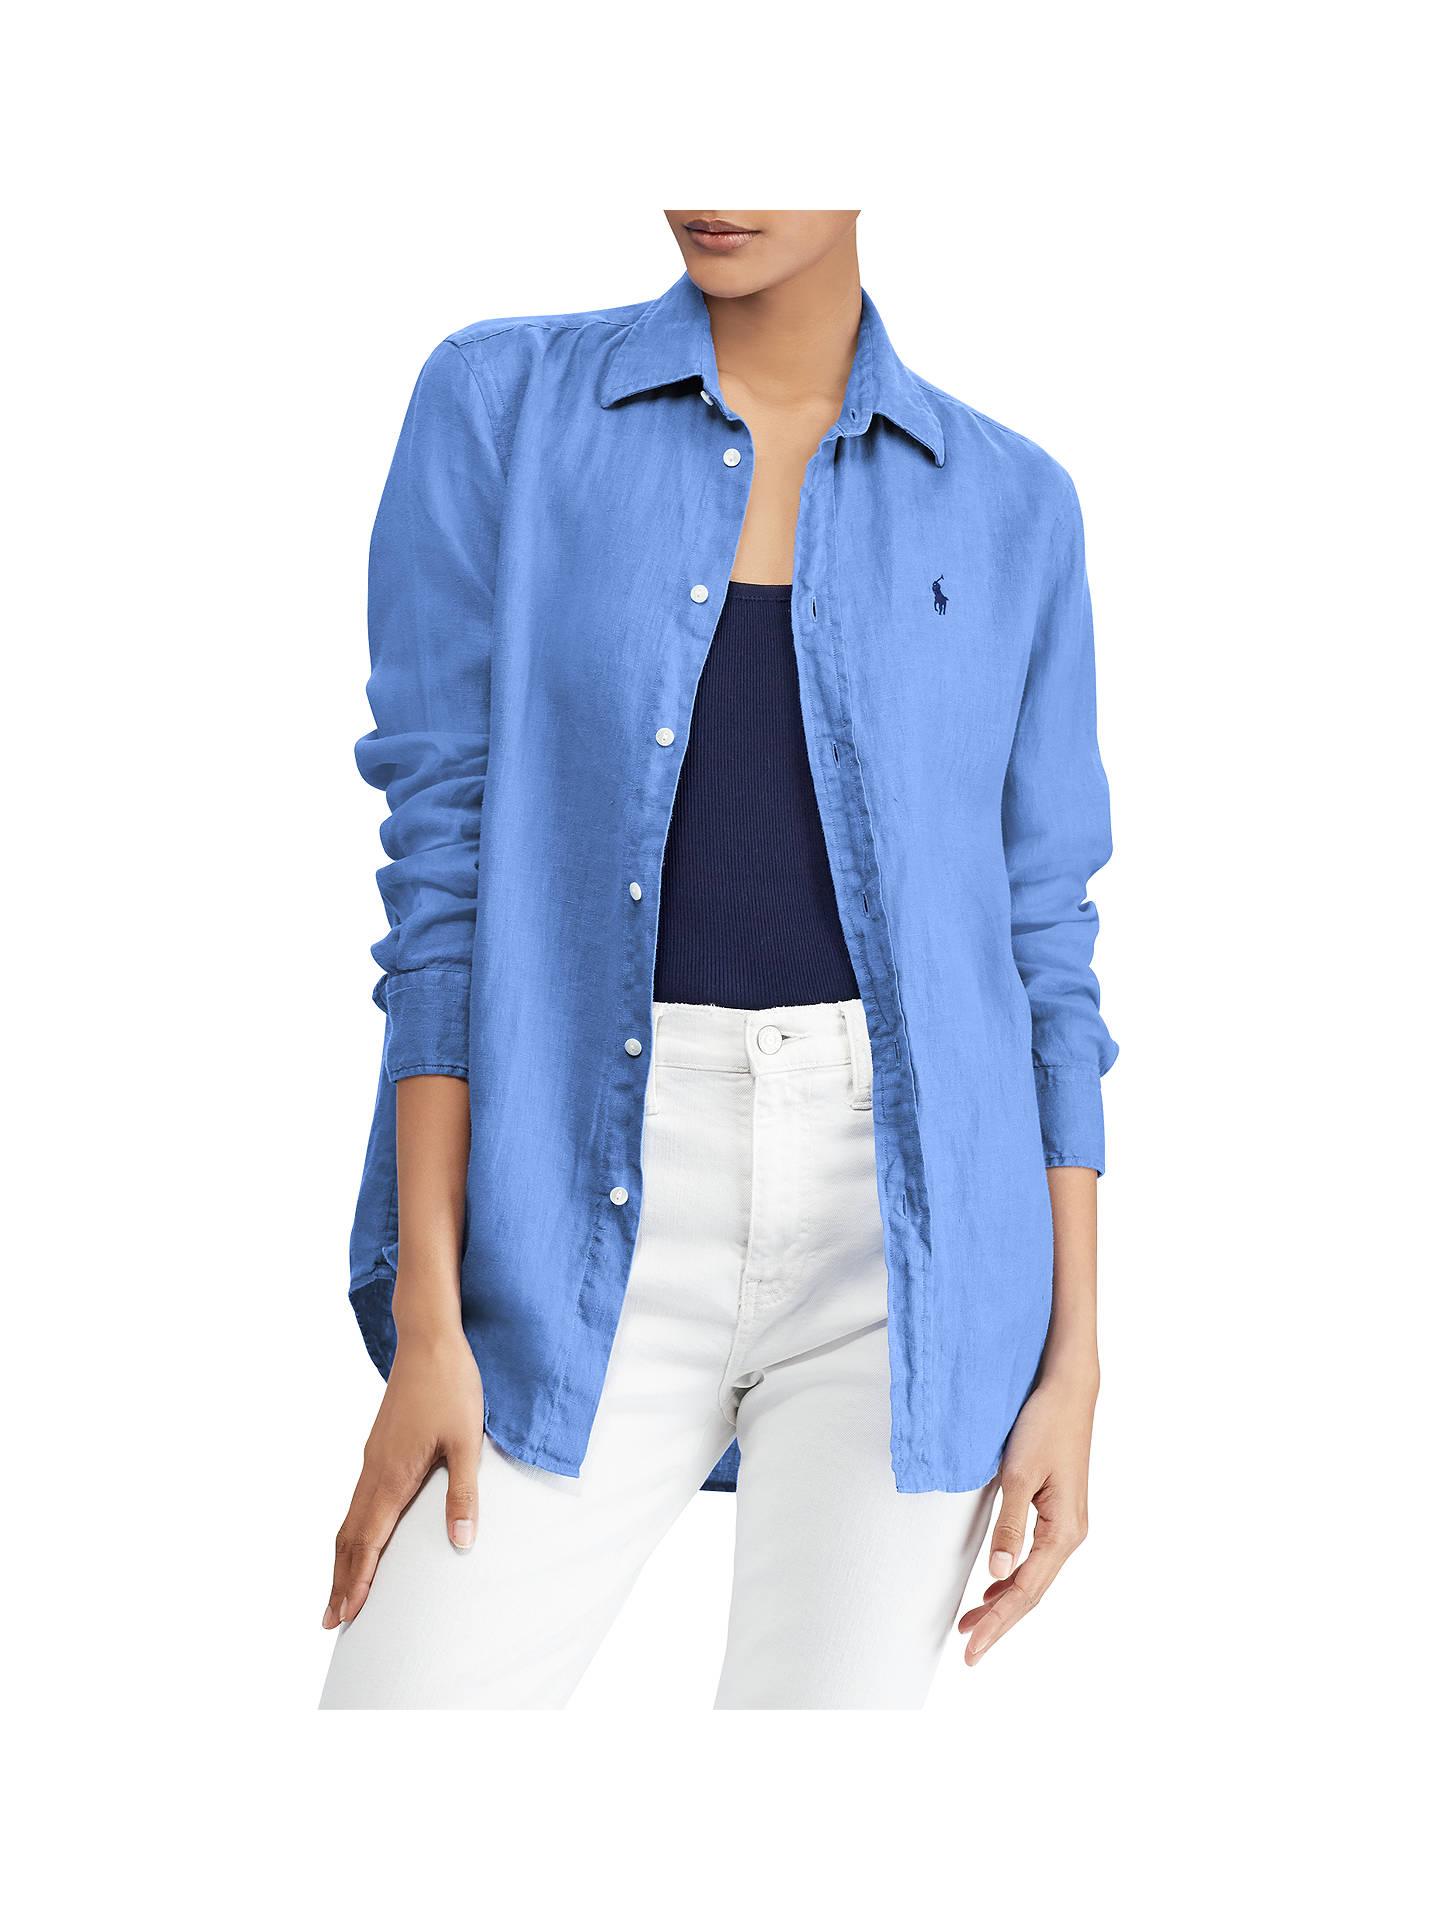 588c2 Ralph Shirt 6c5bb Linen Blue Inexpensive Lauren 8nvON0mw